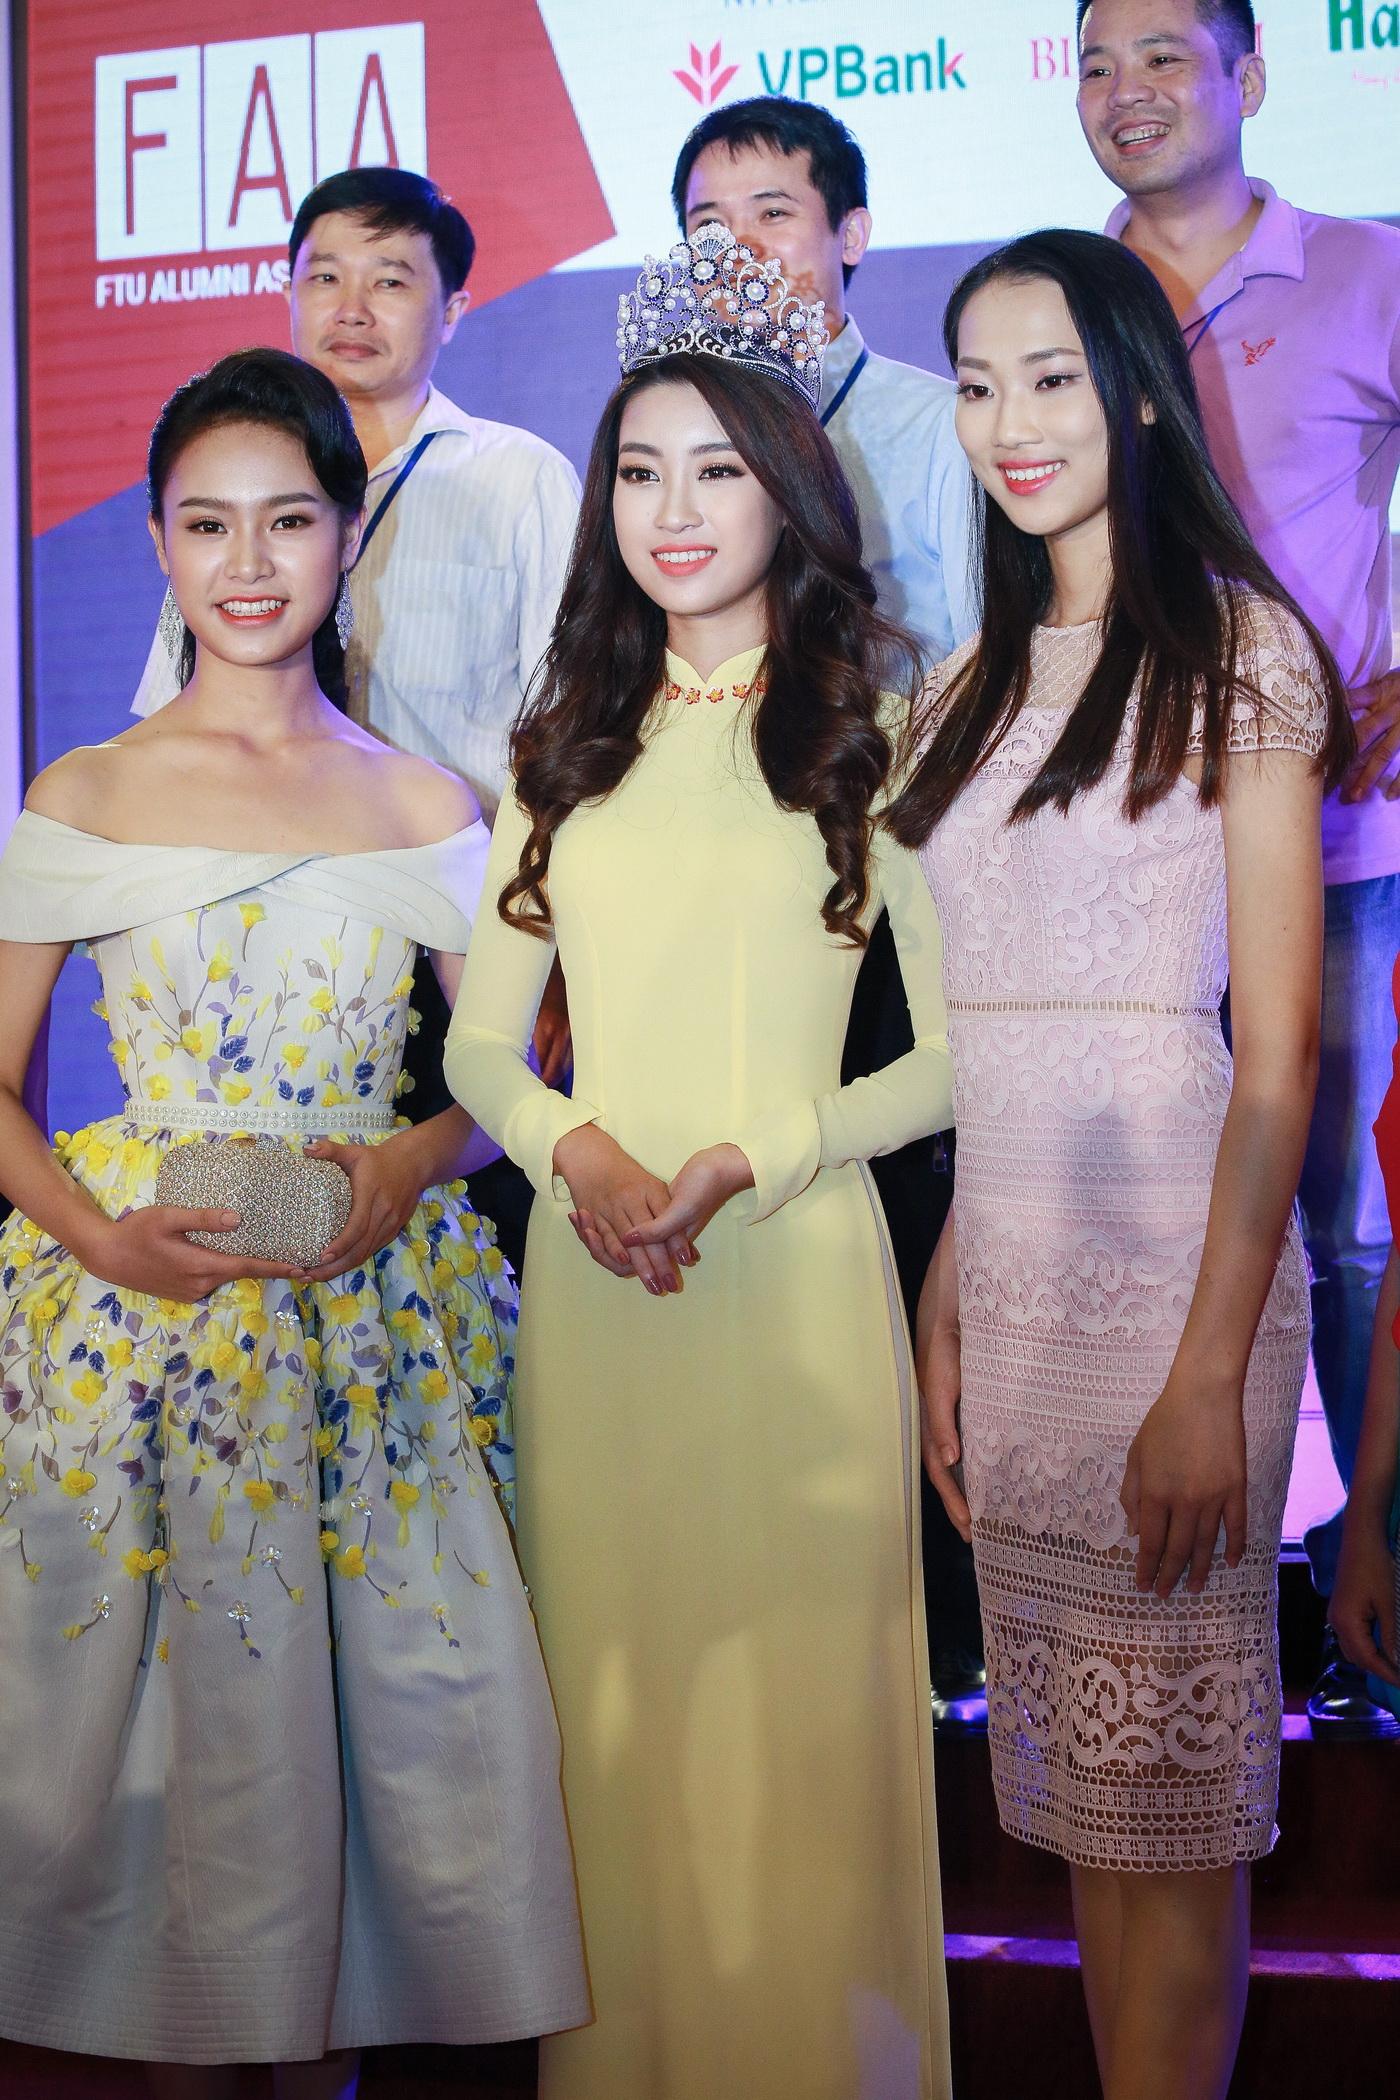 Hoa hậu Mỹ Linh tỏa sáng trong tà áo dài vàng tại sự kiện 3